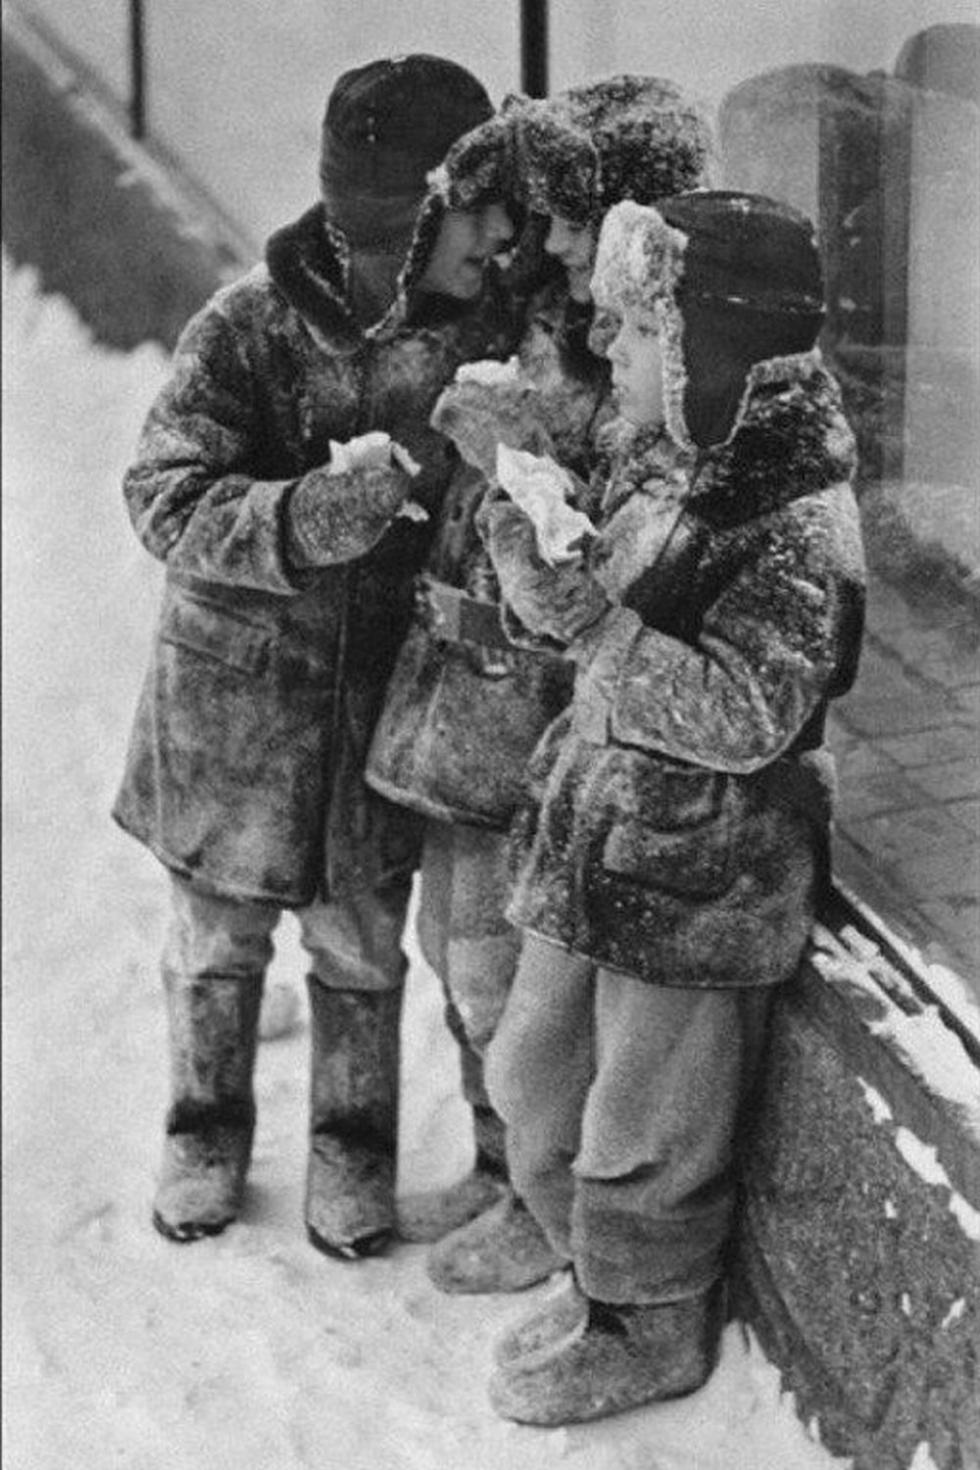 苏联孩子戴着护耳冬帽  来源: rg.ru